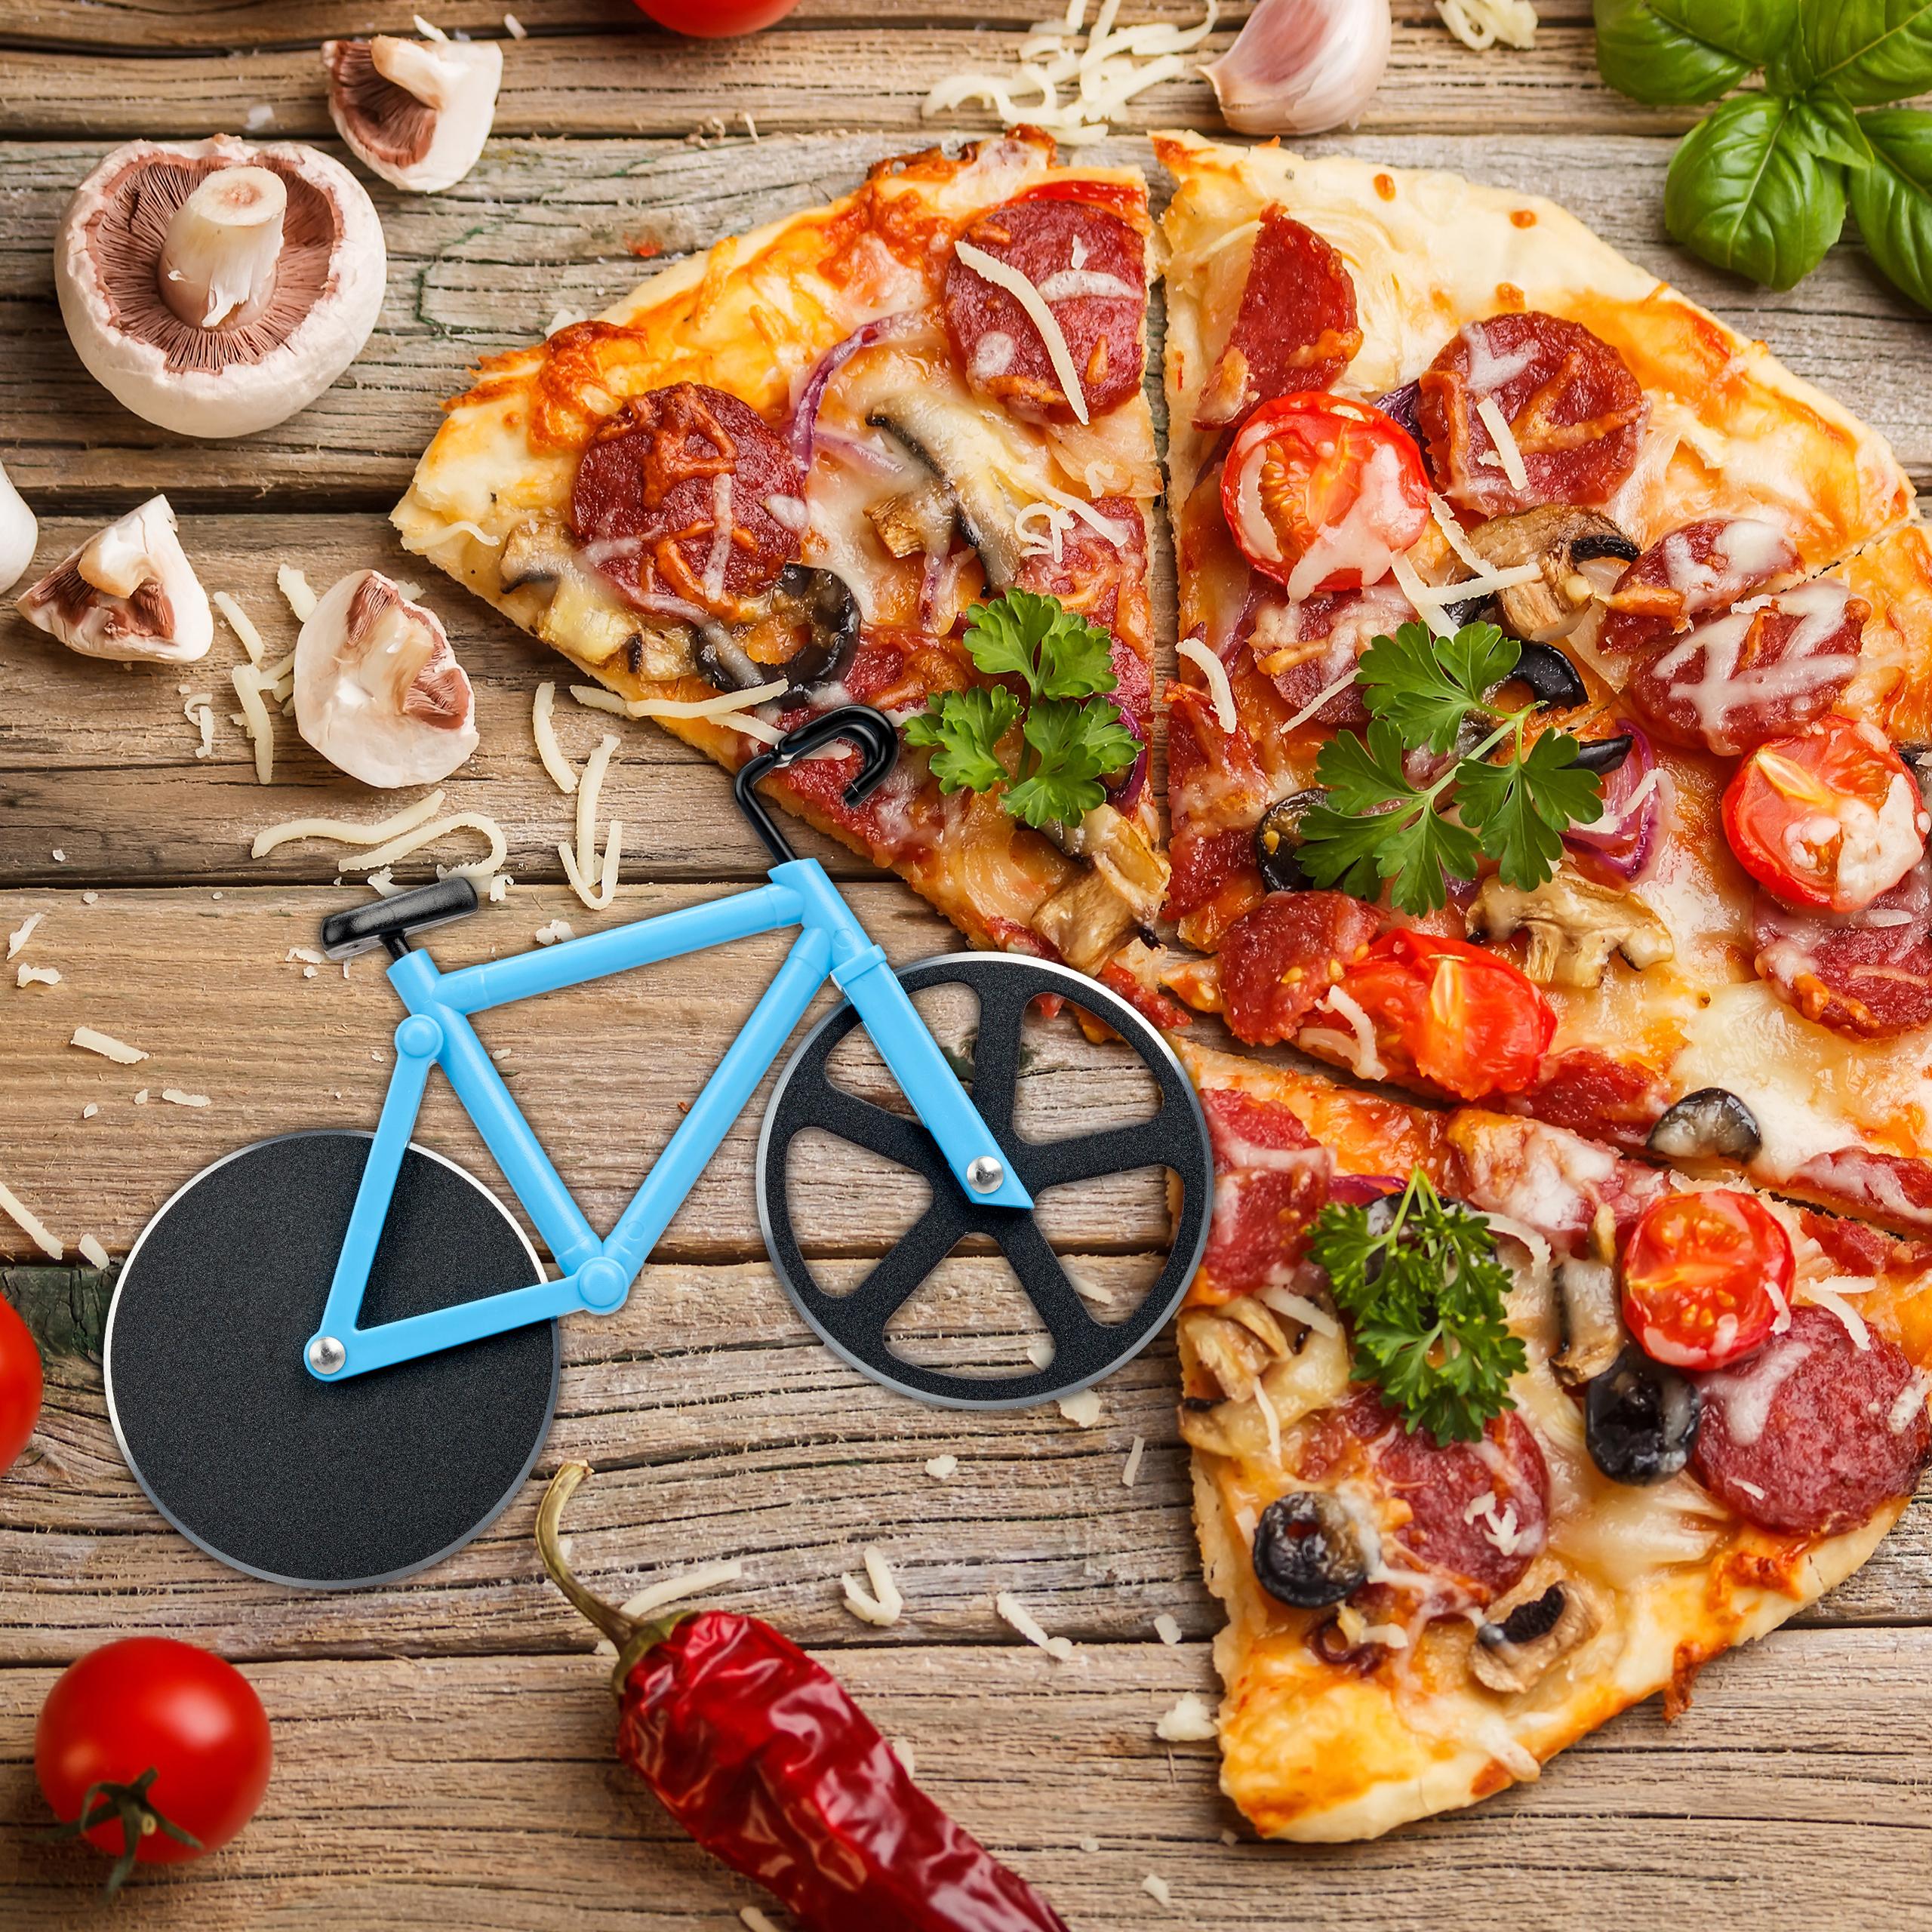 Fahrrad-Pizzaschneider-Teigschneider-Pizzamesser-Pizzaroller-Bunt-Schneiderad thumbnail 4